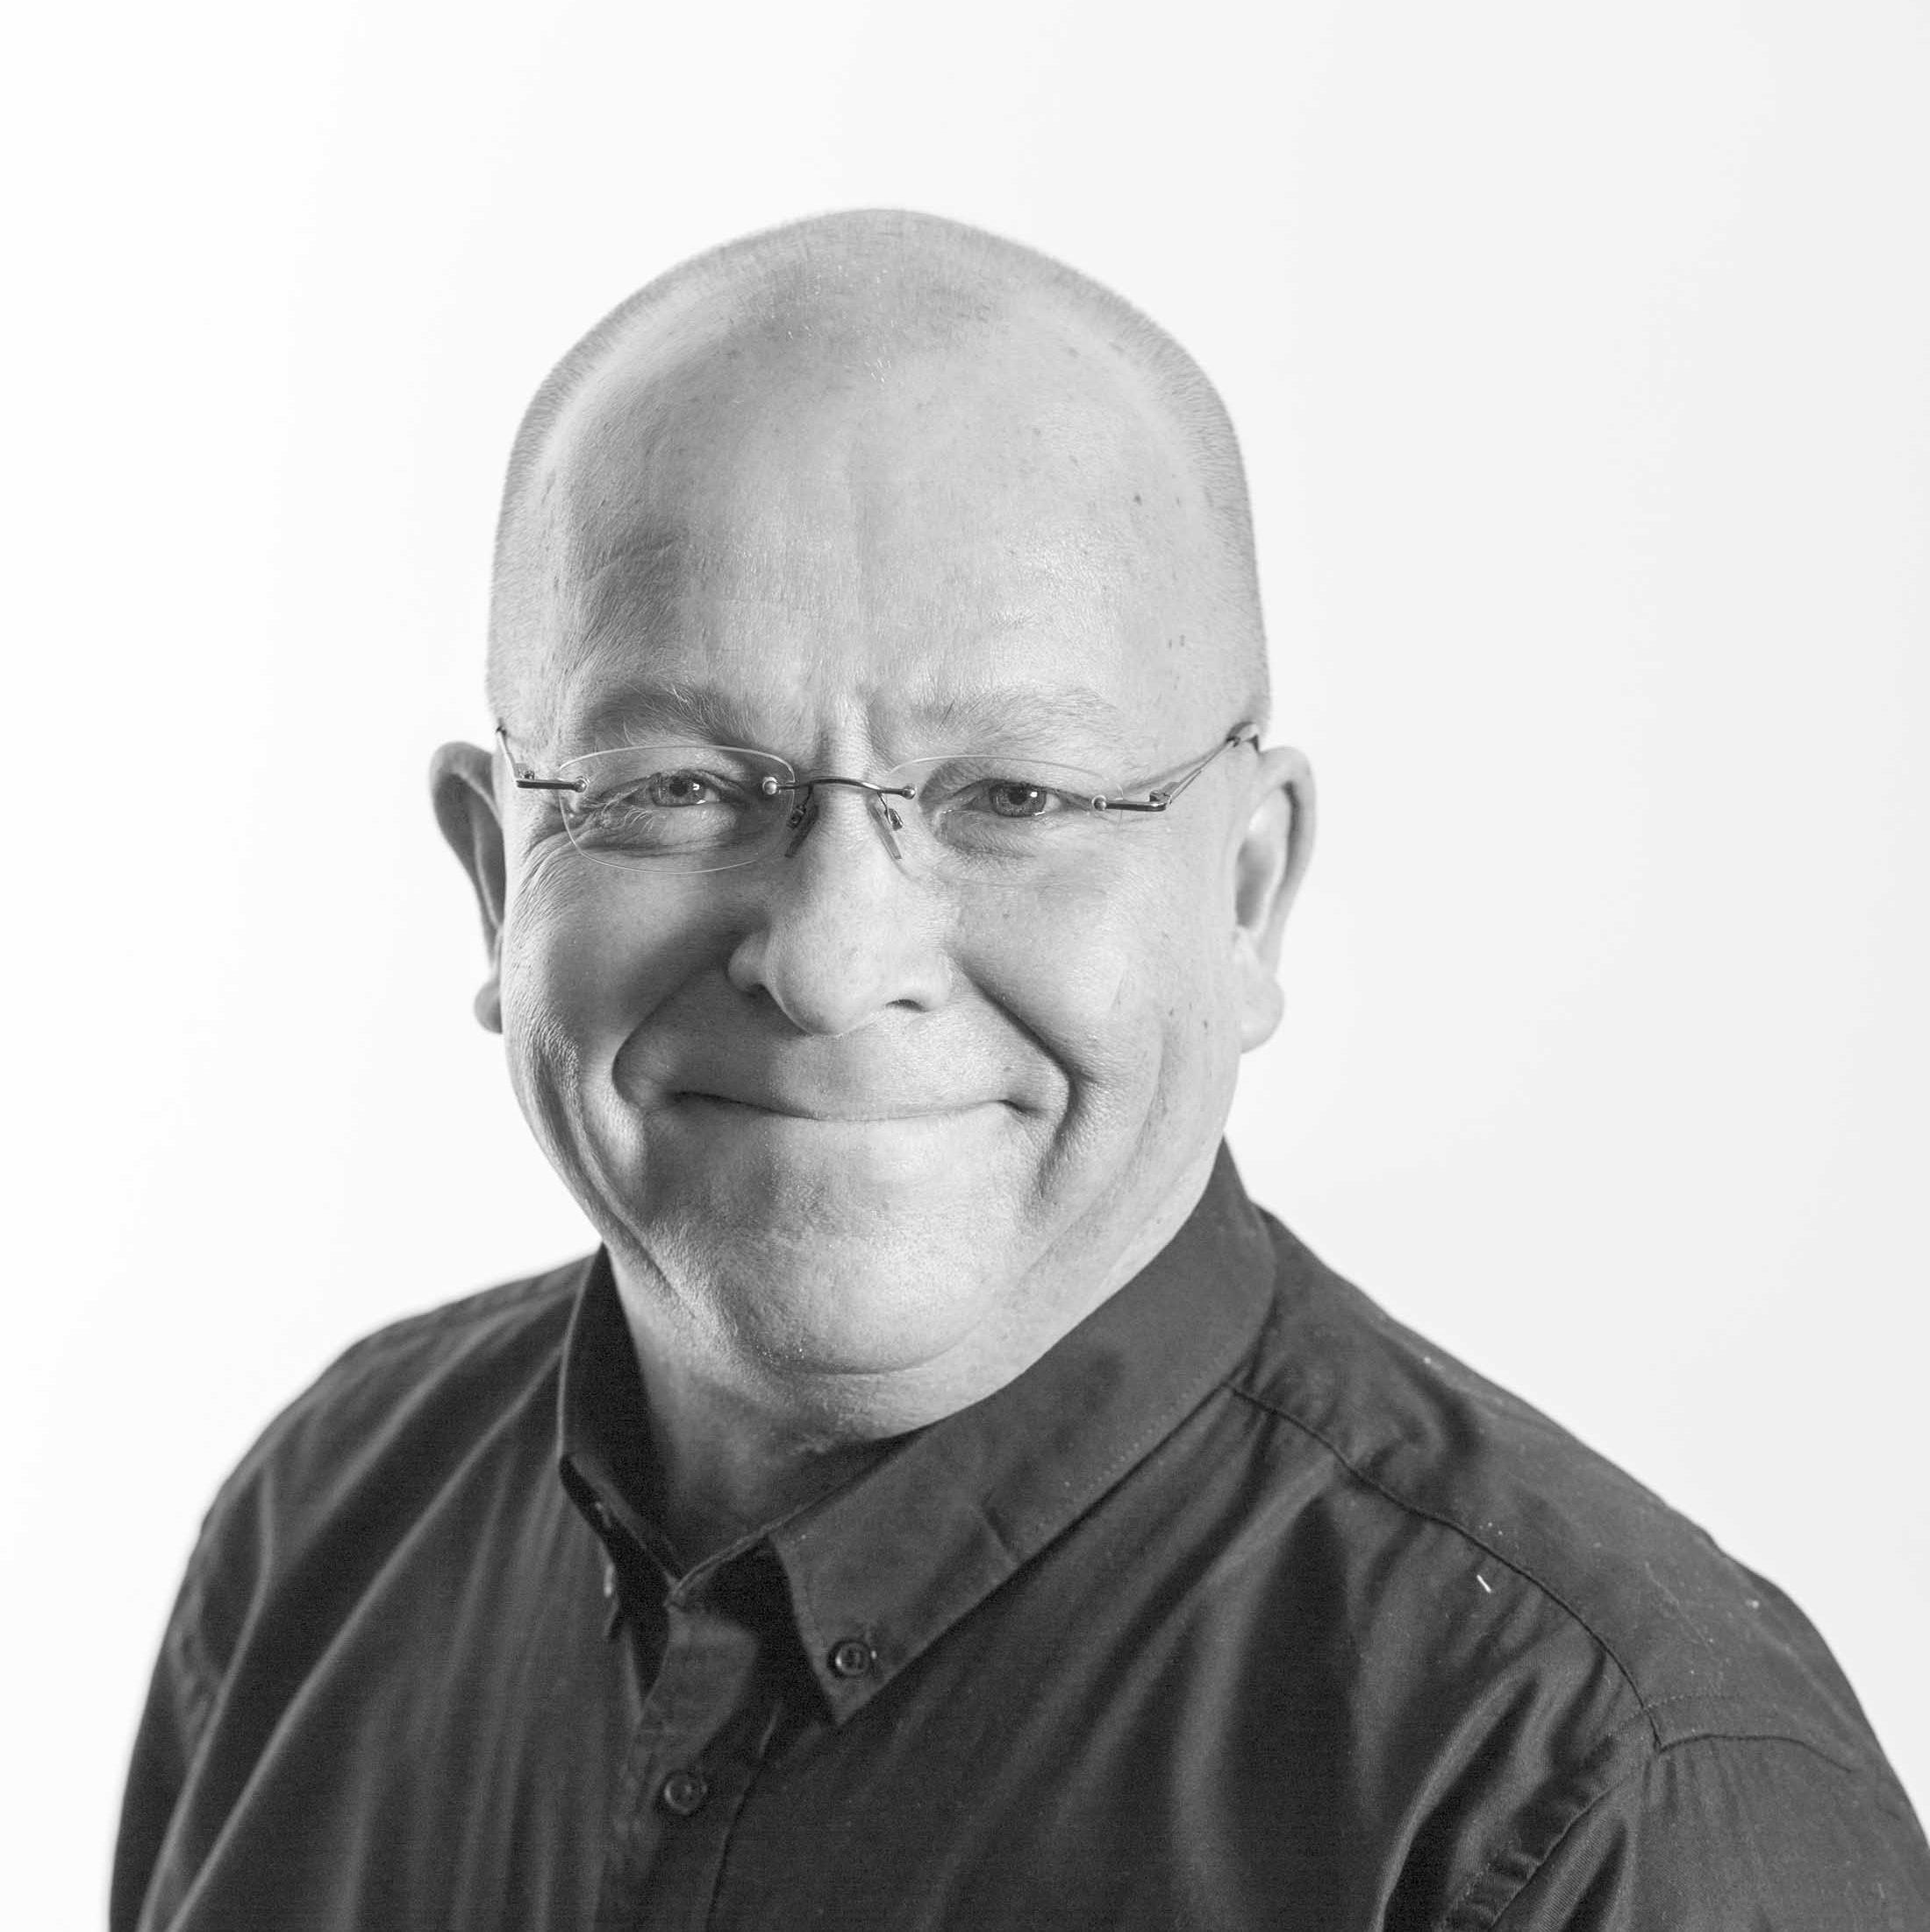 Klaus Jansson Jr